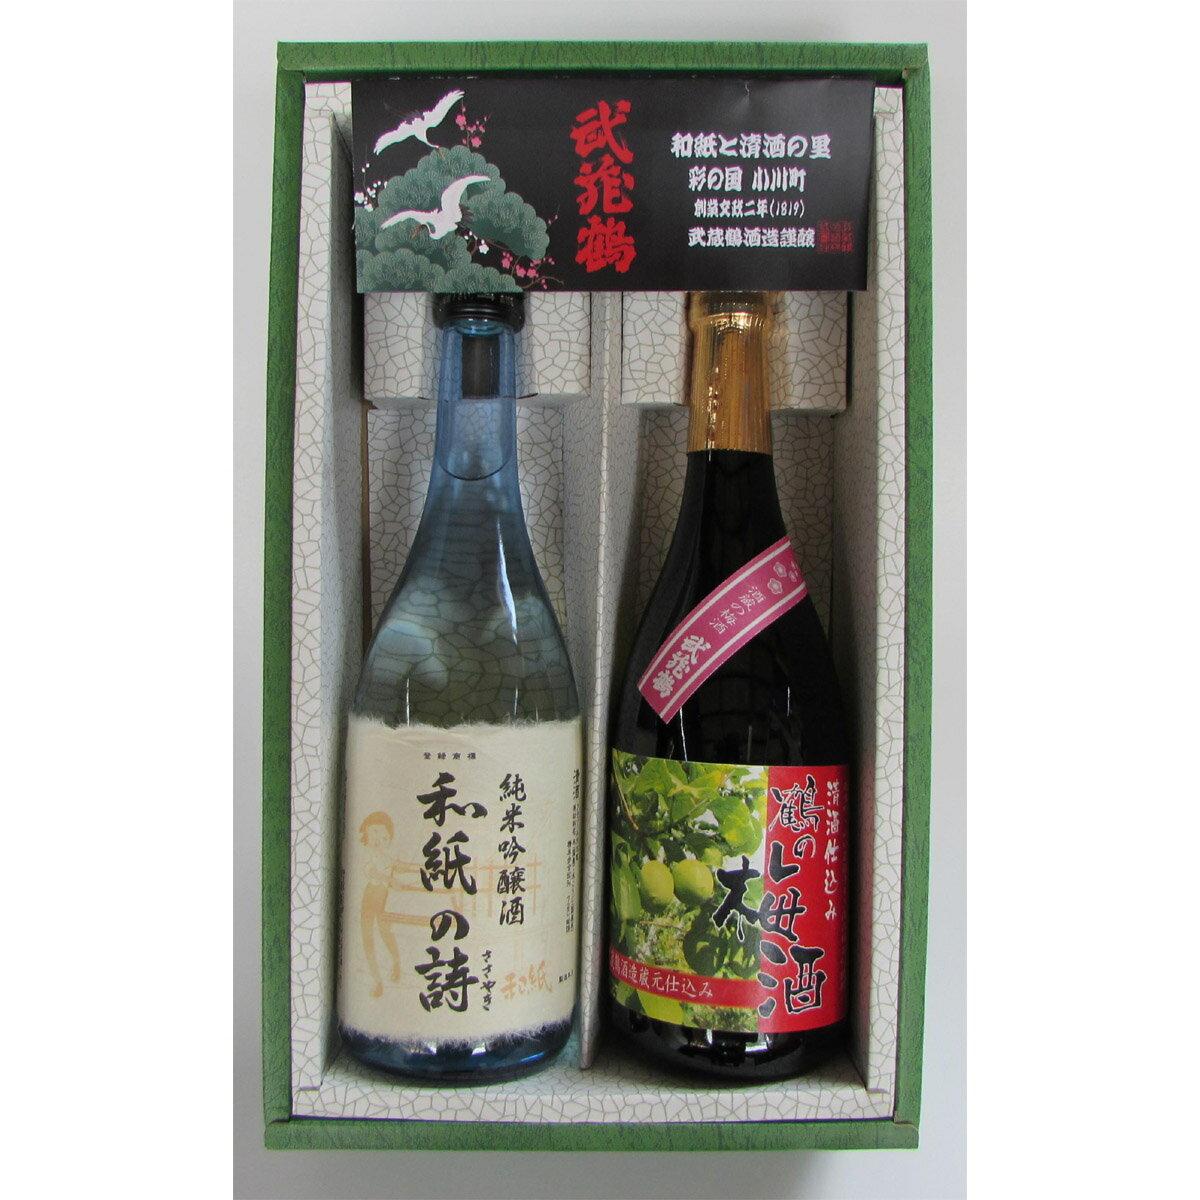 【ふるさと納税】和紙と清酒の里 小川町 武蔵鶴酒造『純米吟醸・梅酒』詰合せ